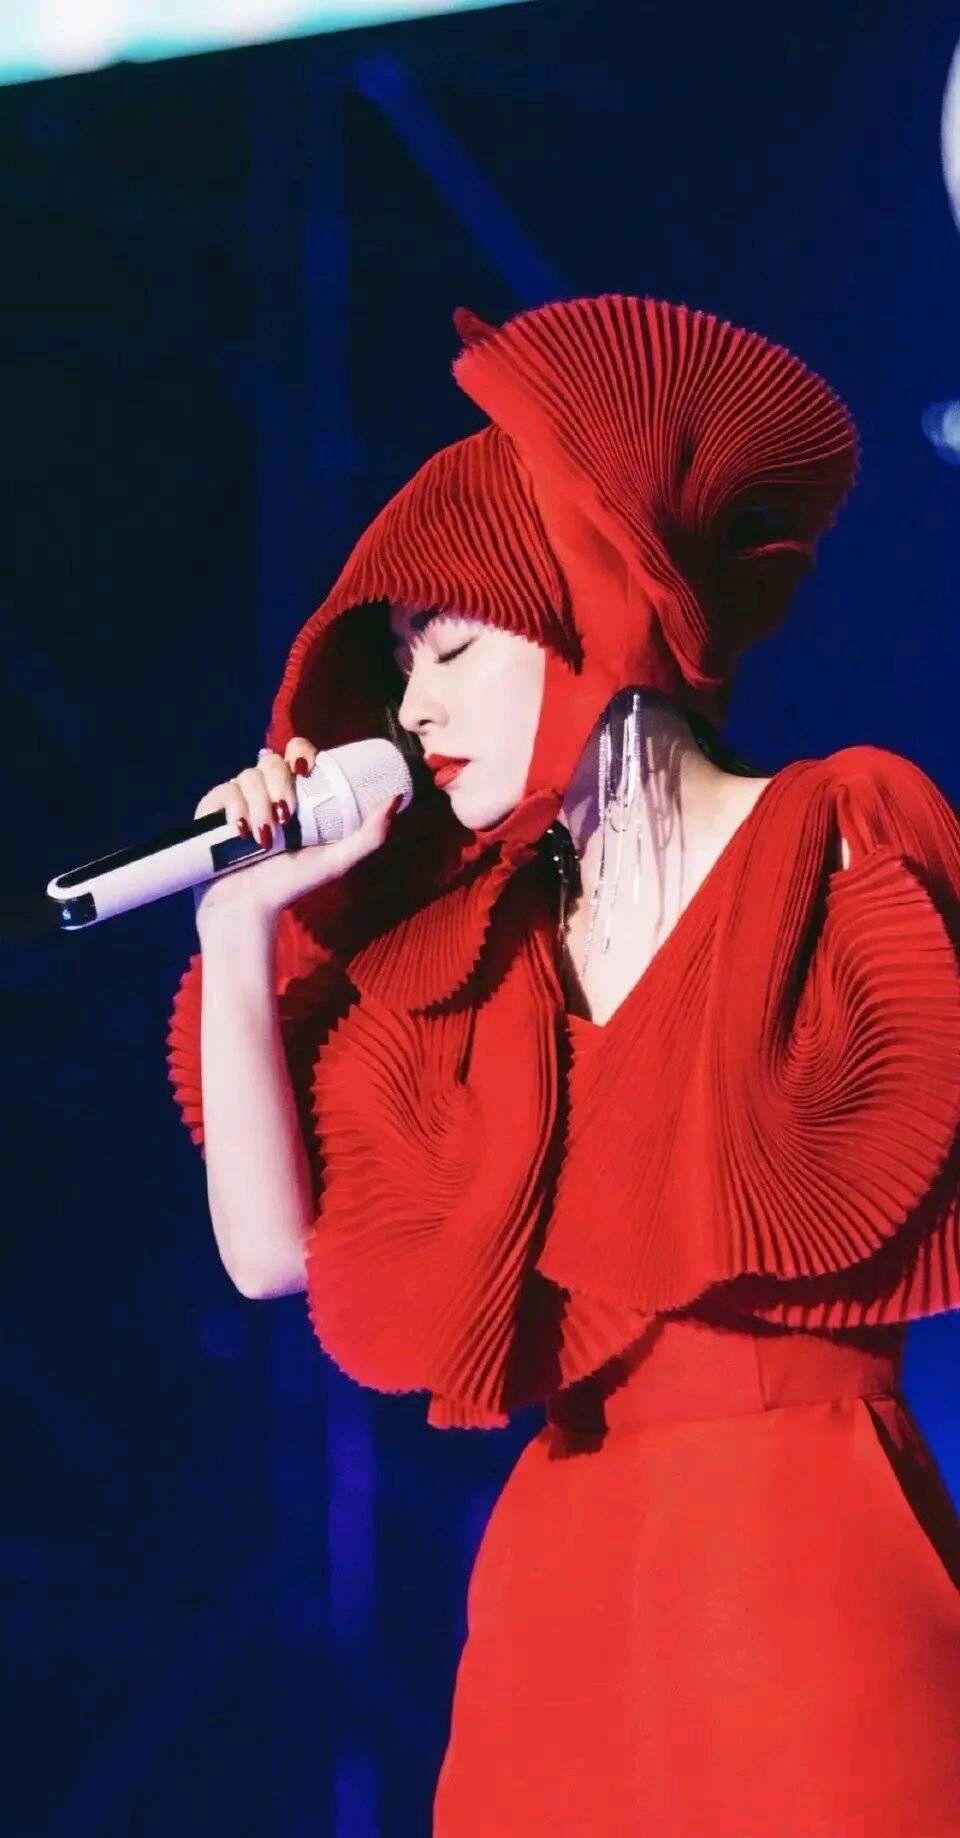 张靓颖真是人美歌甜,鲜红服时髦惊艳又个性,网友直呼太浮夸!